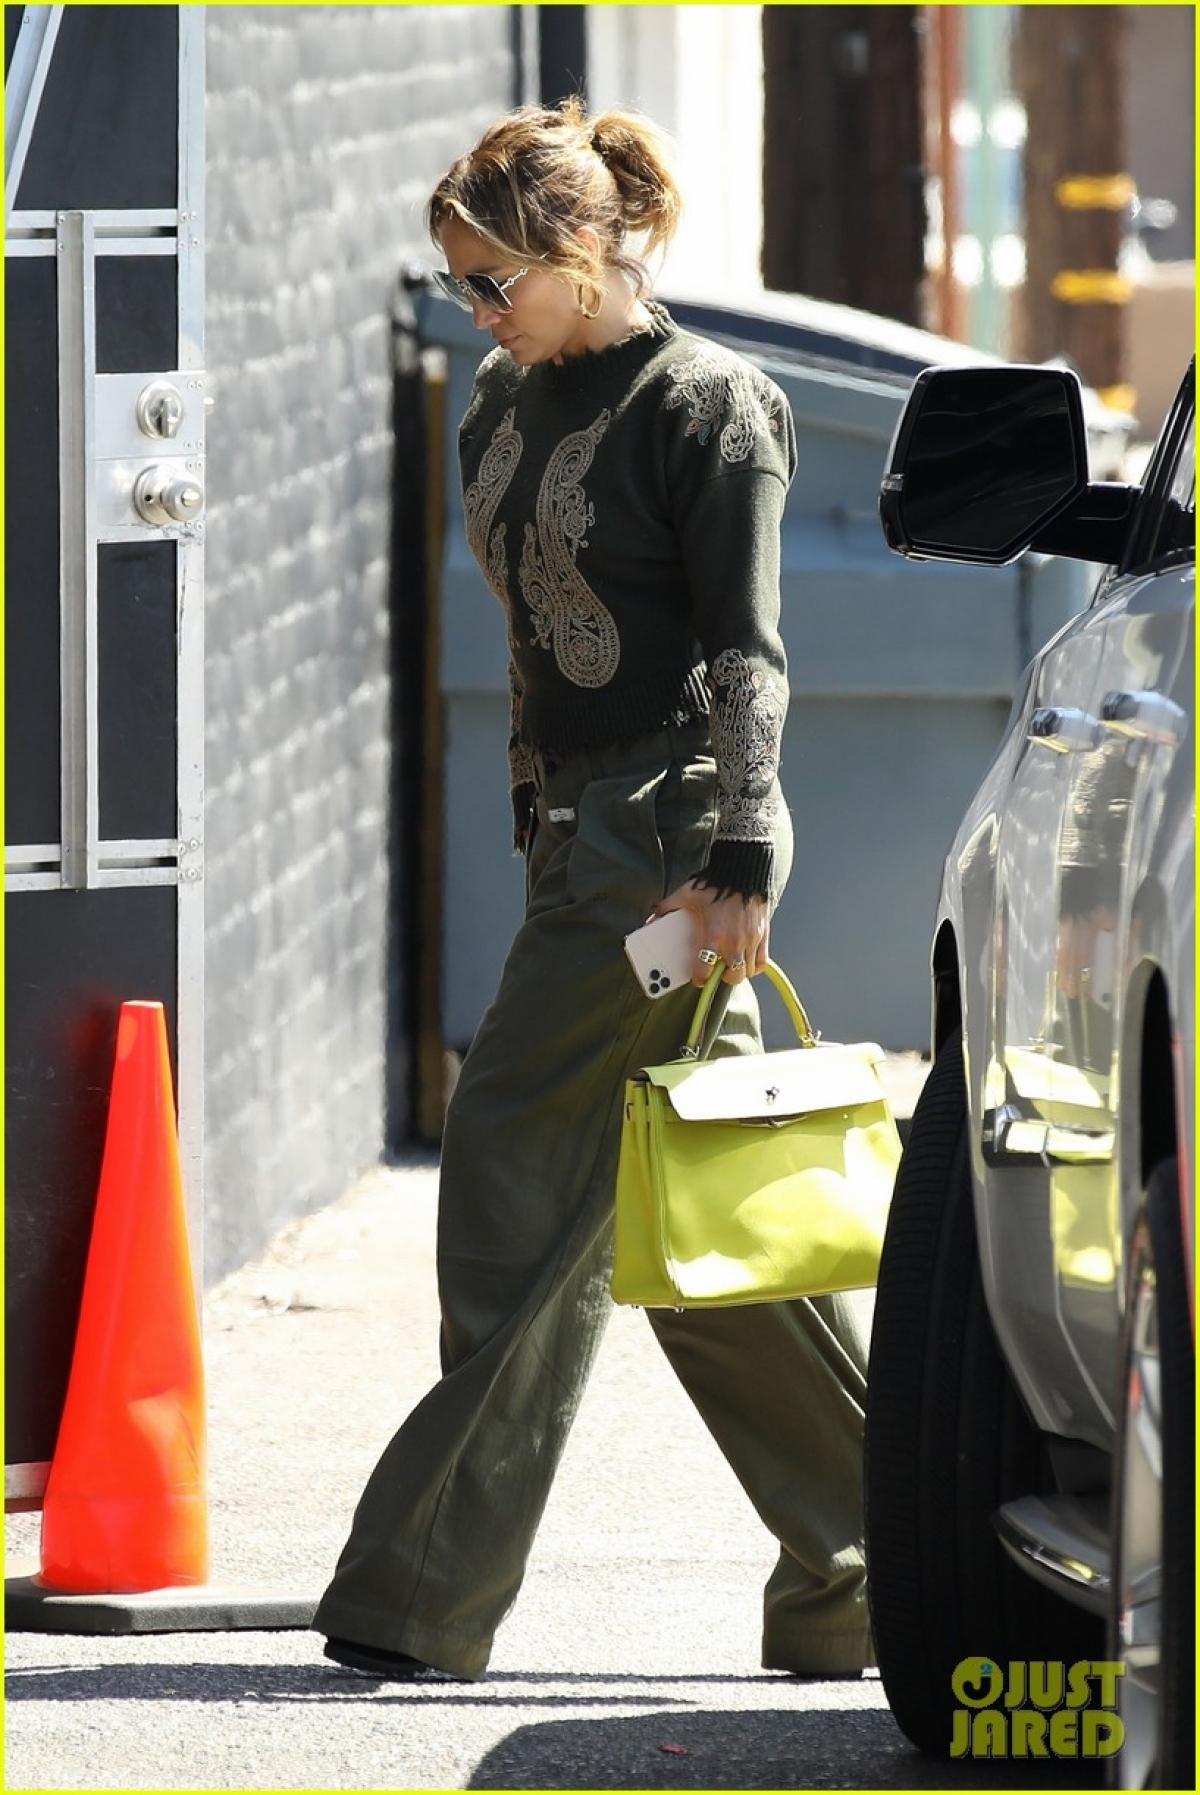 """Cách đây không lâu, theo nguồn tin trên Pagesix, Jennifer Lopez và Ben Affleck vui vẻ đi ăn tối cùng nhau tại nhà hàng 5 sao trong khách sạn Pendry, West Hollywood. """"Họ rất hạnh phúc bên nhau. Hai người đang bắt đầu nói về tương lai của họ"""", nguồn tin tiết lộ."""